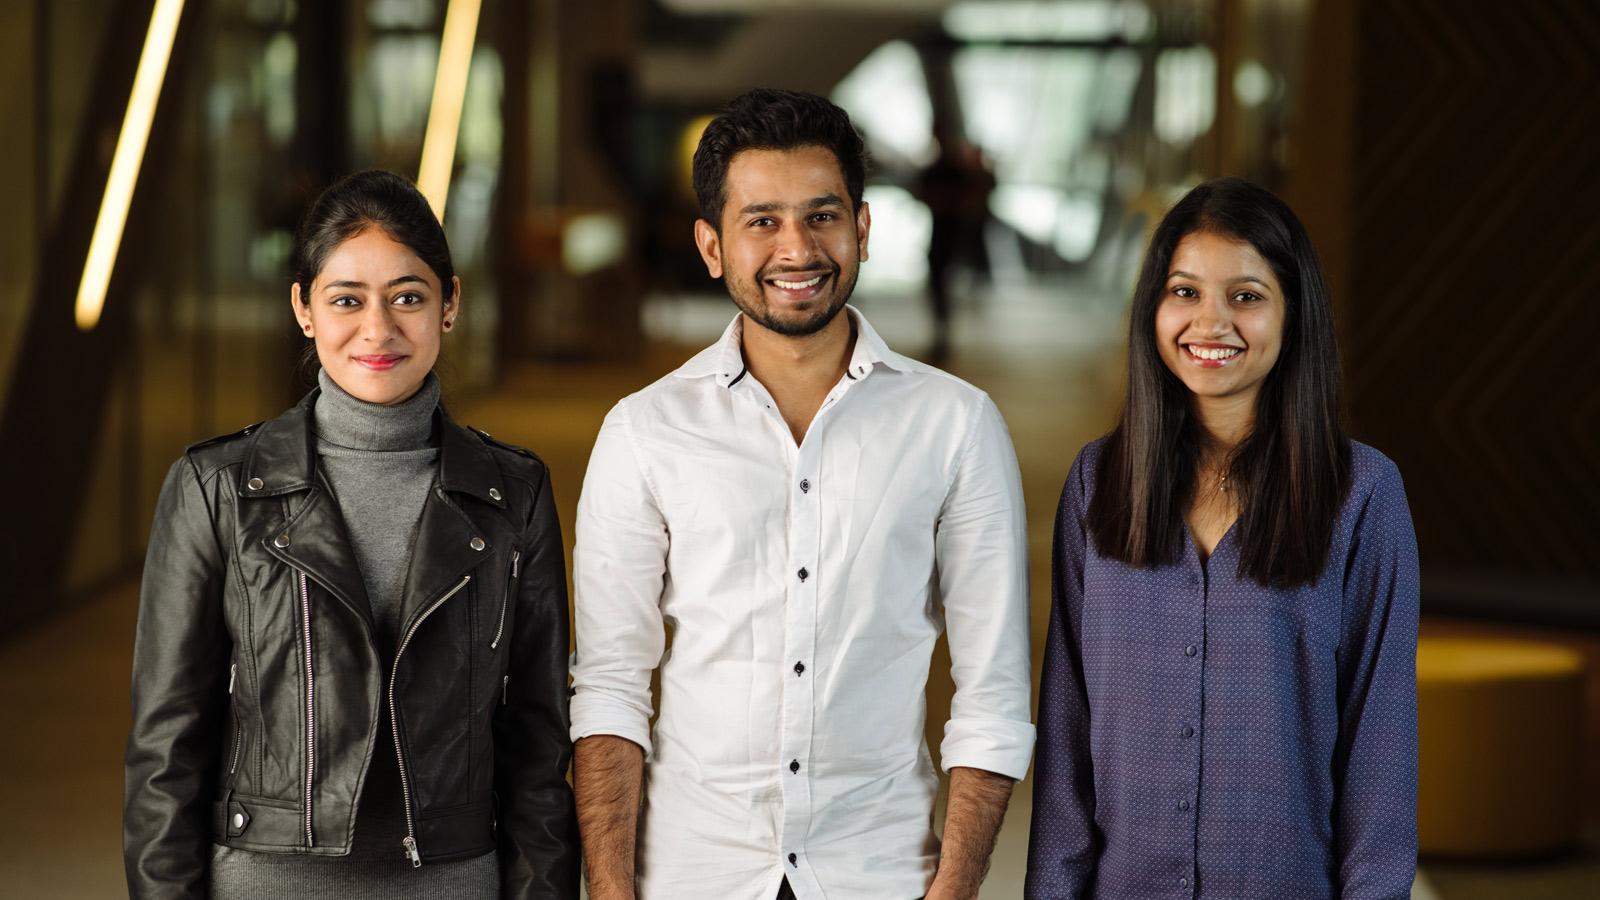 Hari Selvaraj, Minu Cyriac and Mishadi Herath